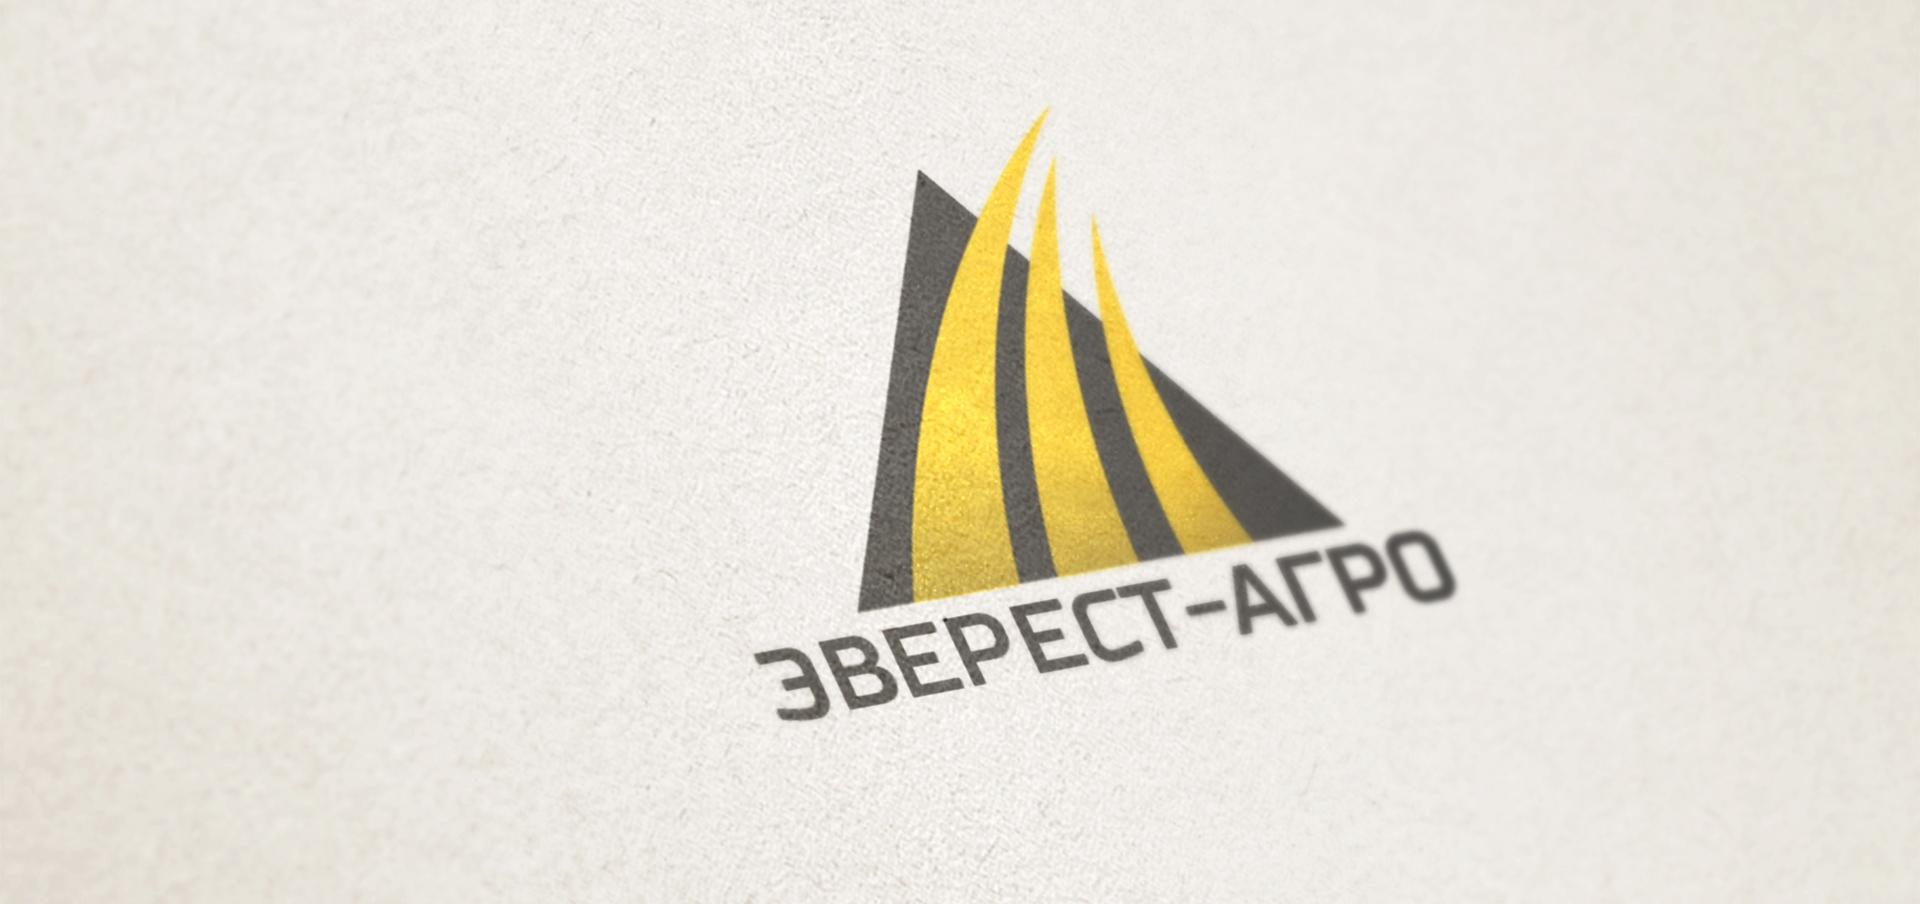 Эверест-Агро - HMS Brands - кейсы, брендинг - логотип